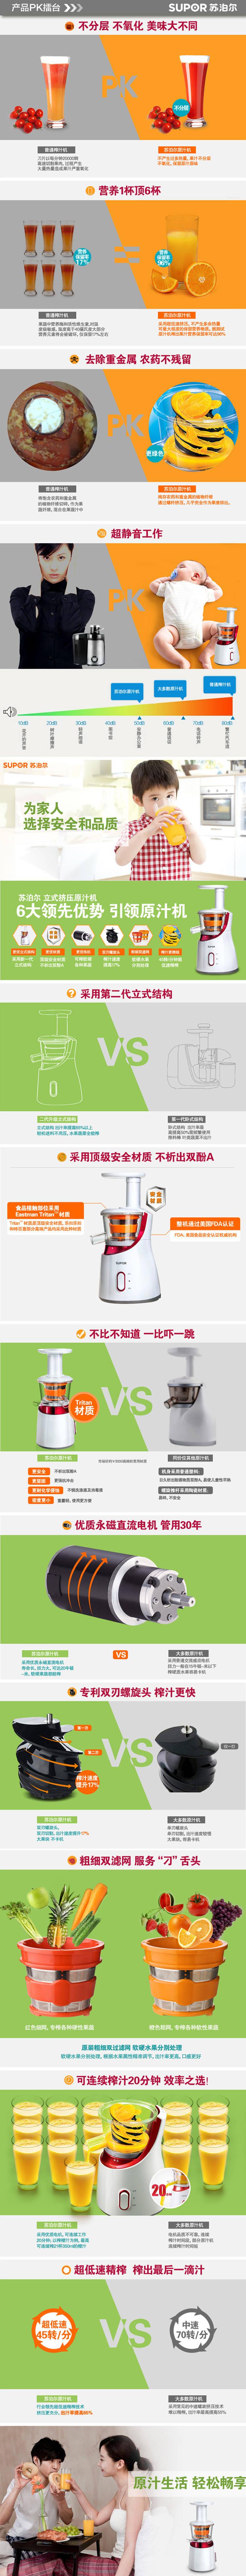 家用电器 厨房小家电 料理,榨汁机  品牌 苏泊尔 型号 sjyz9-150 颜色